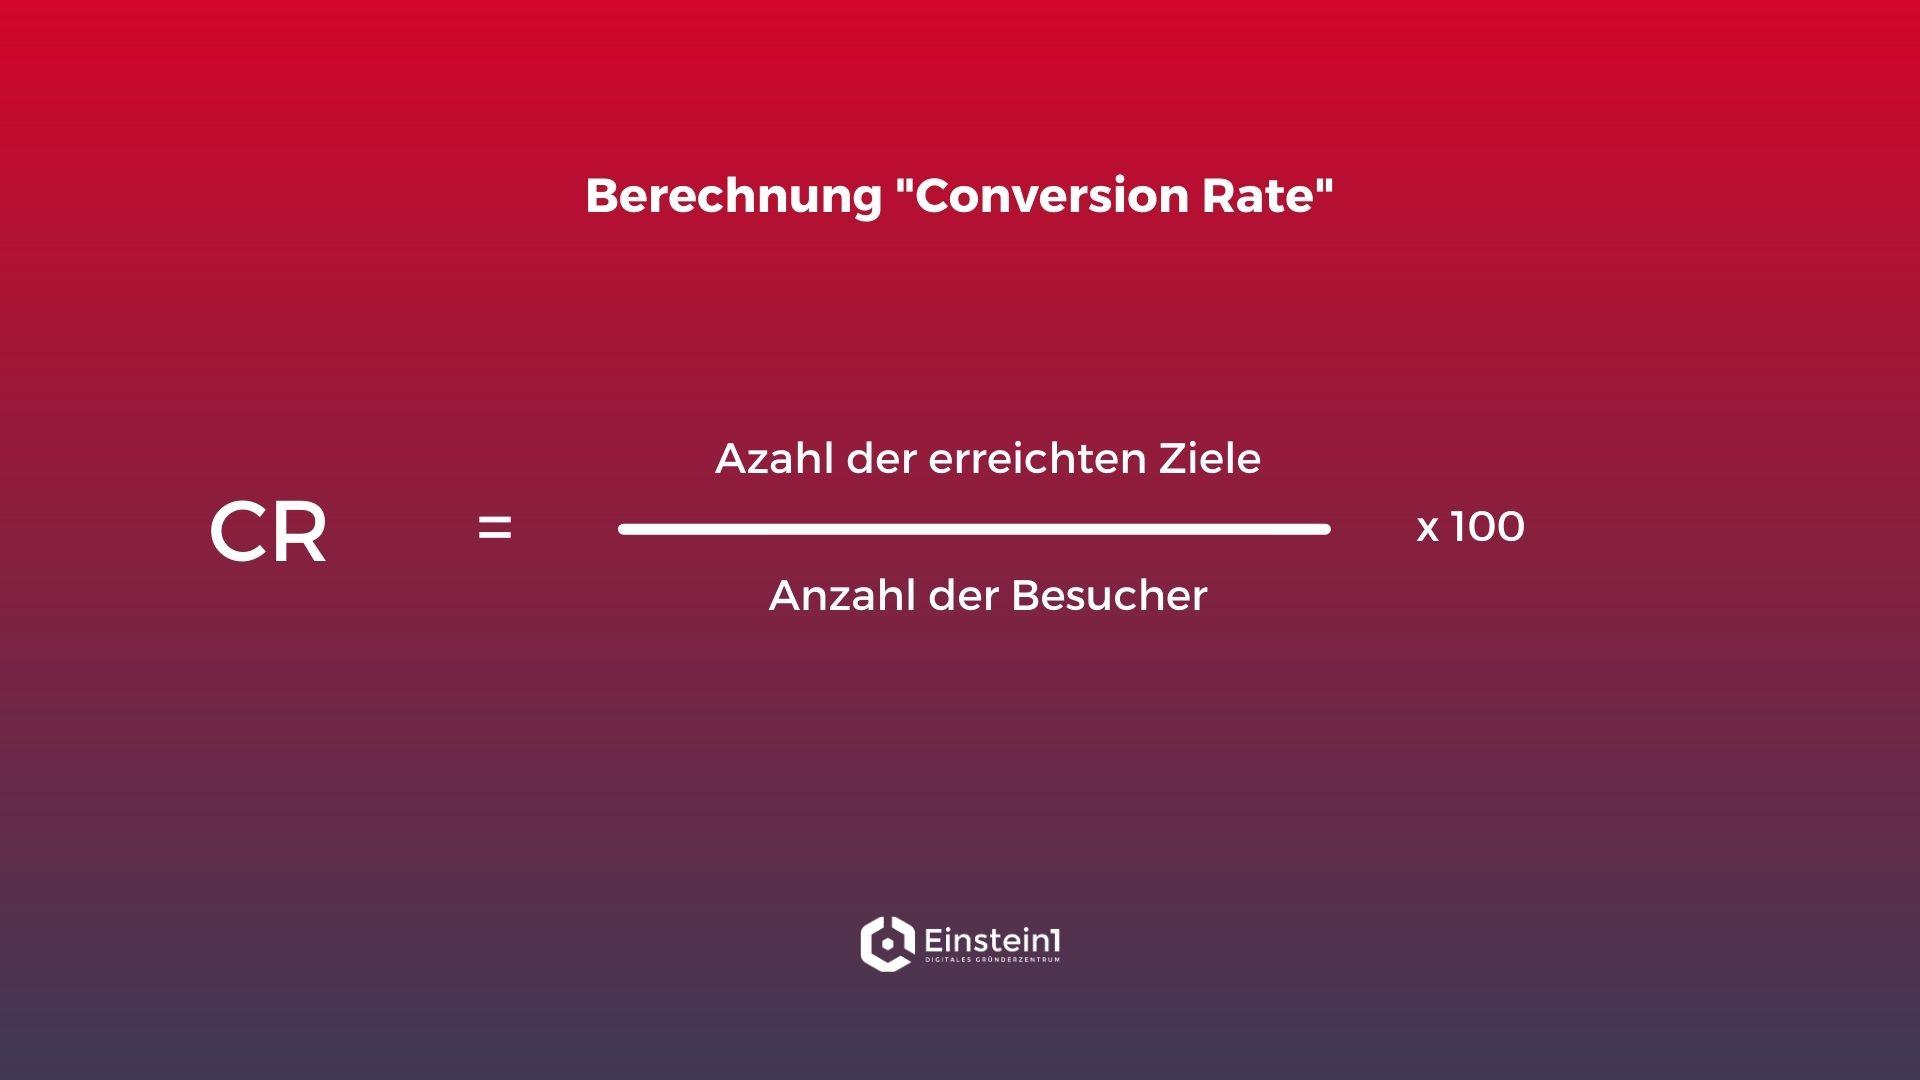 kennzahlen-online-marketing-cr-einstein1